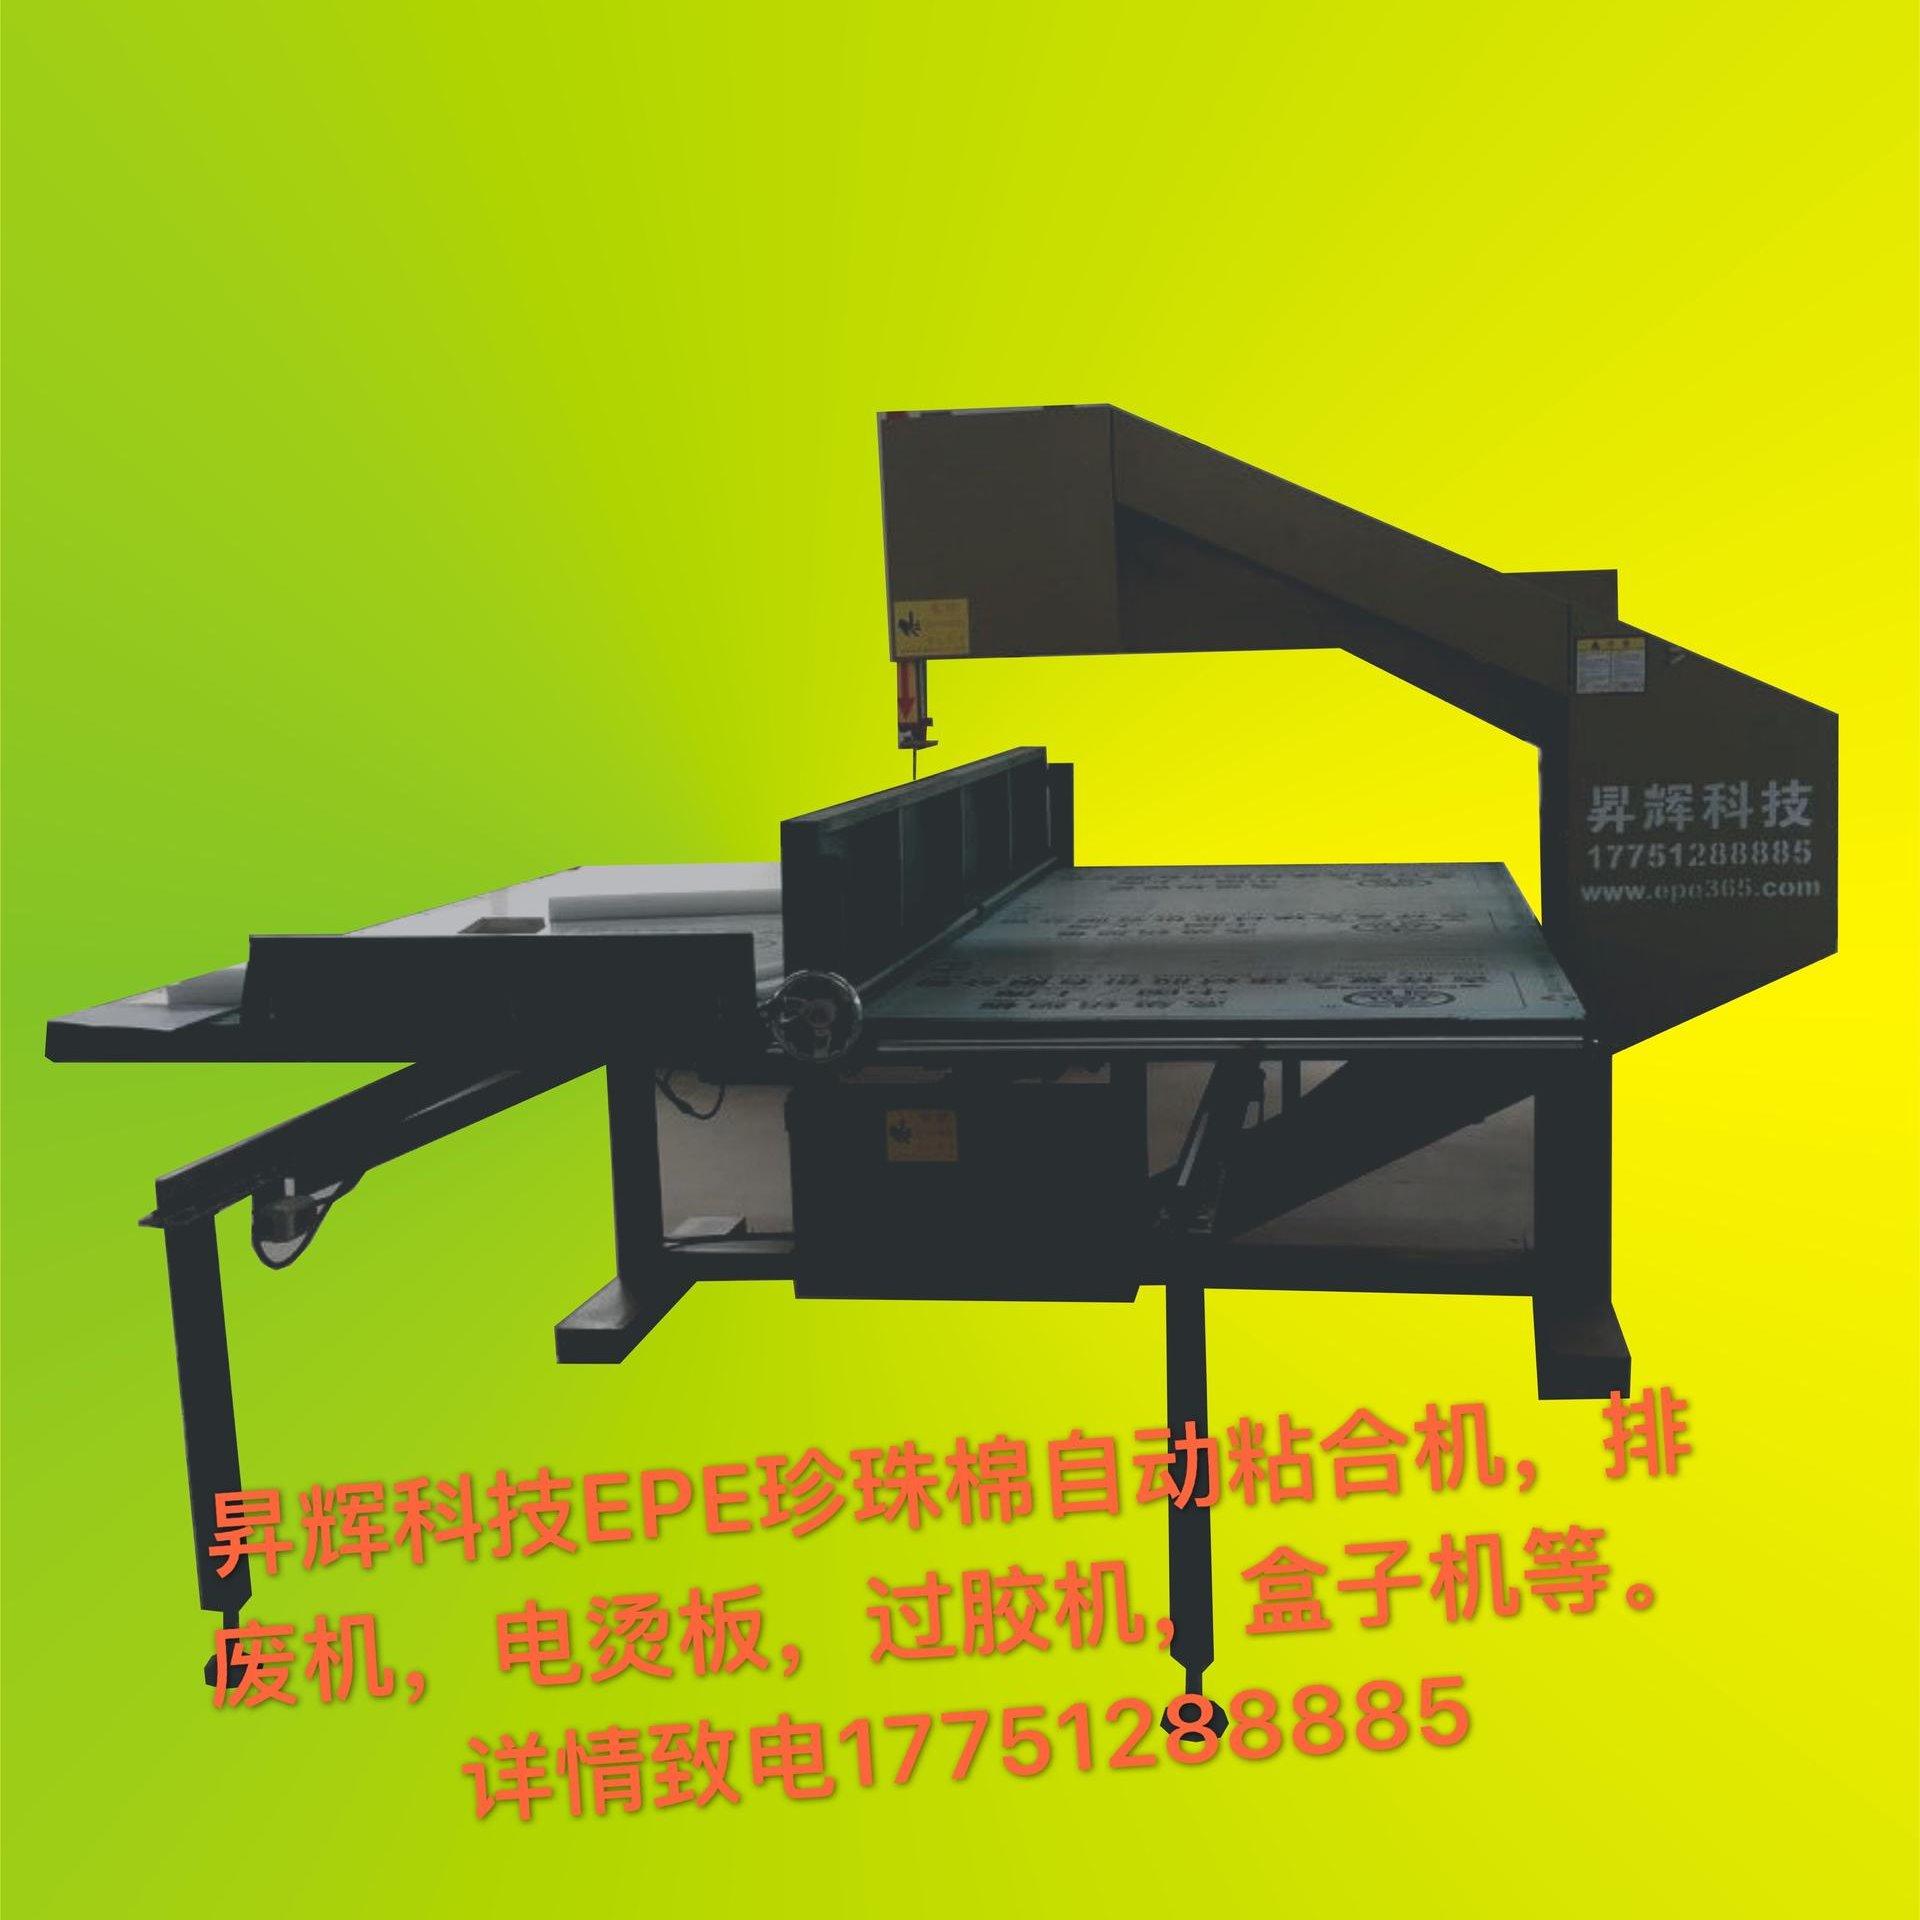 昇輝嘉興廠家直銷珍珠棉EPE立切機 EPE珍珠棉裁切機 三輪、四輪立切機 新款立切機圖片